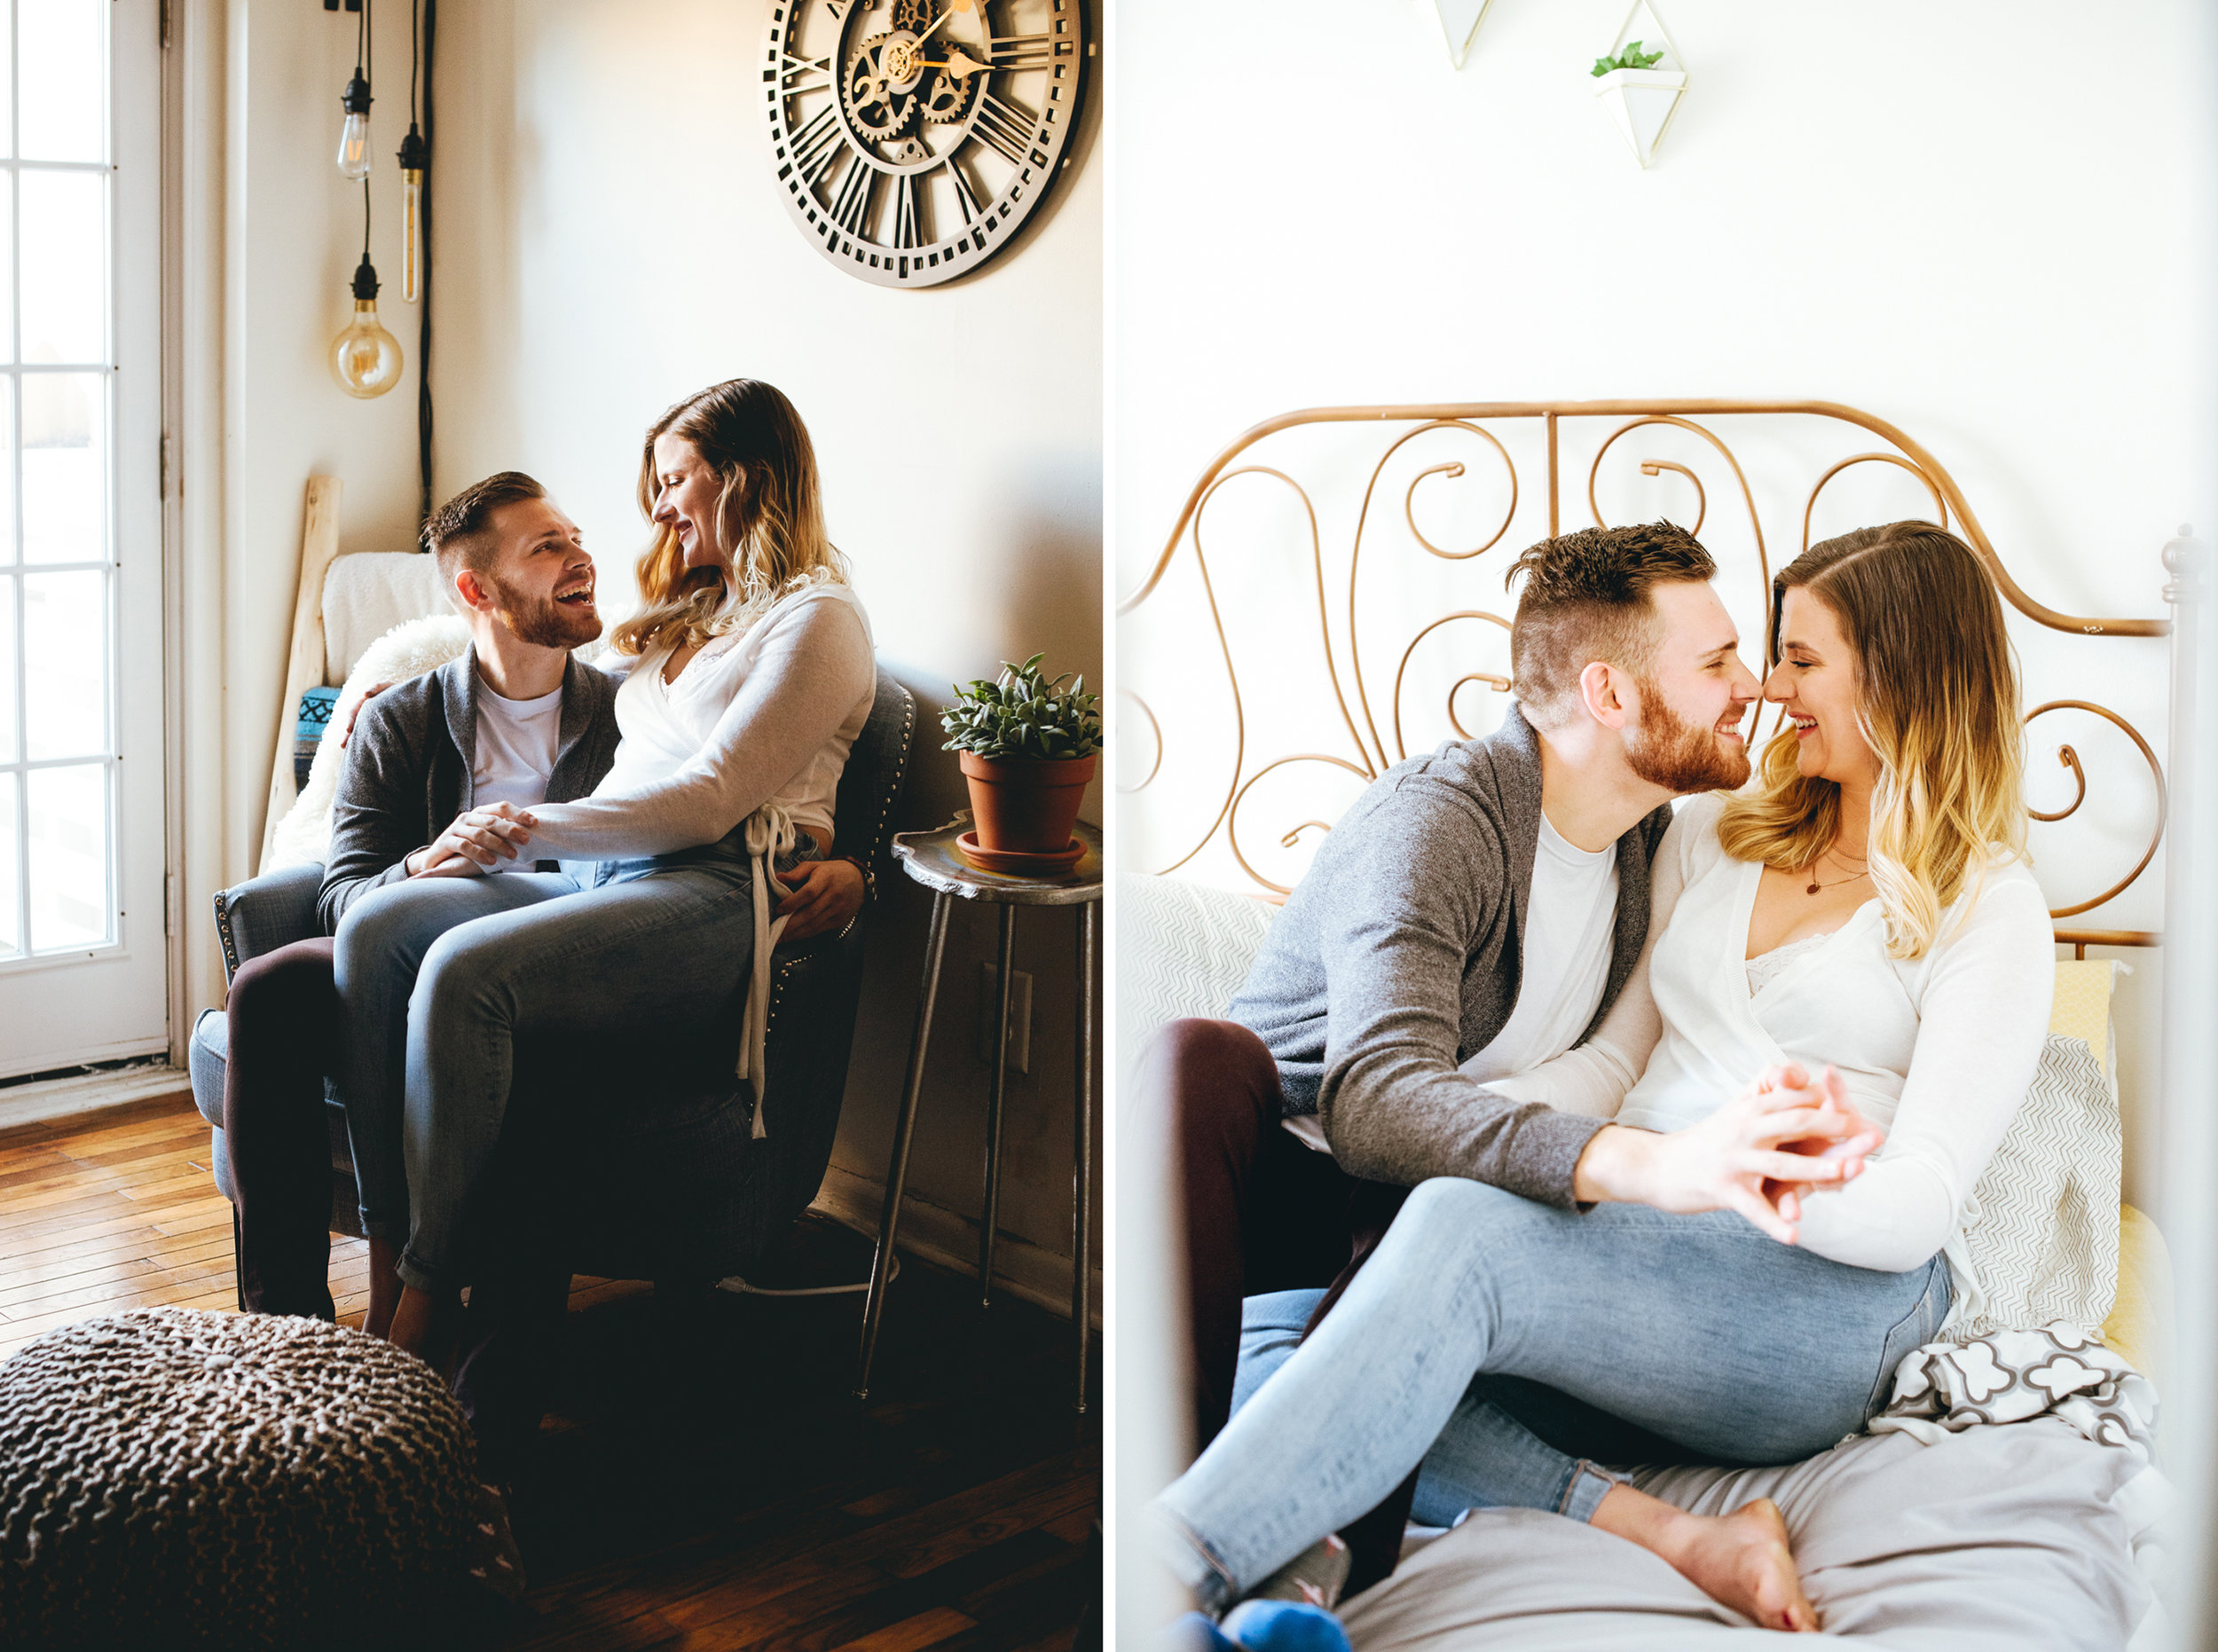 Philadelphia-PA-Engagement-Photographer-Peaberry-Photo-Wedding-Photography-1.jpg